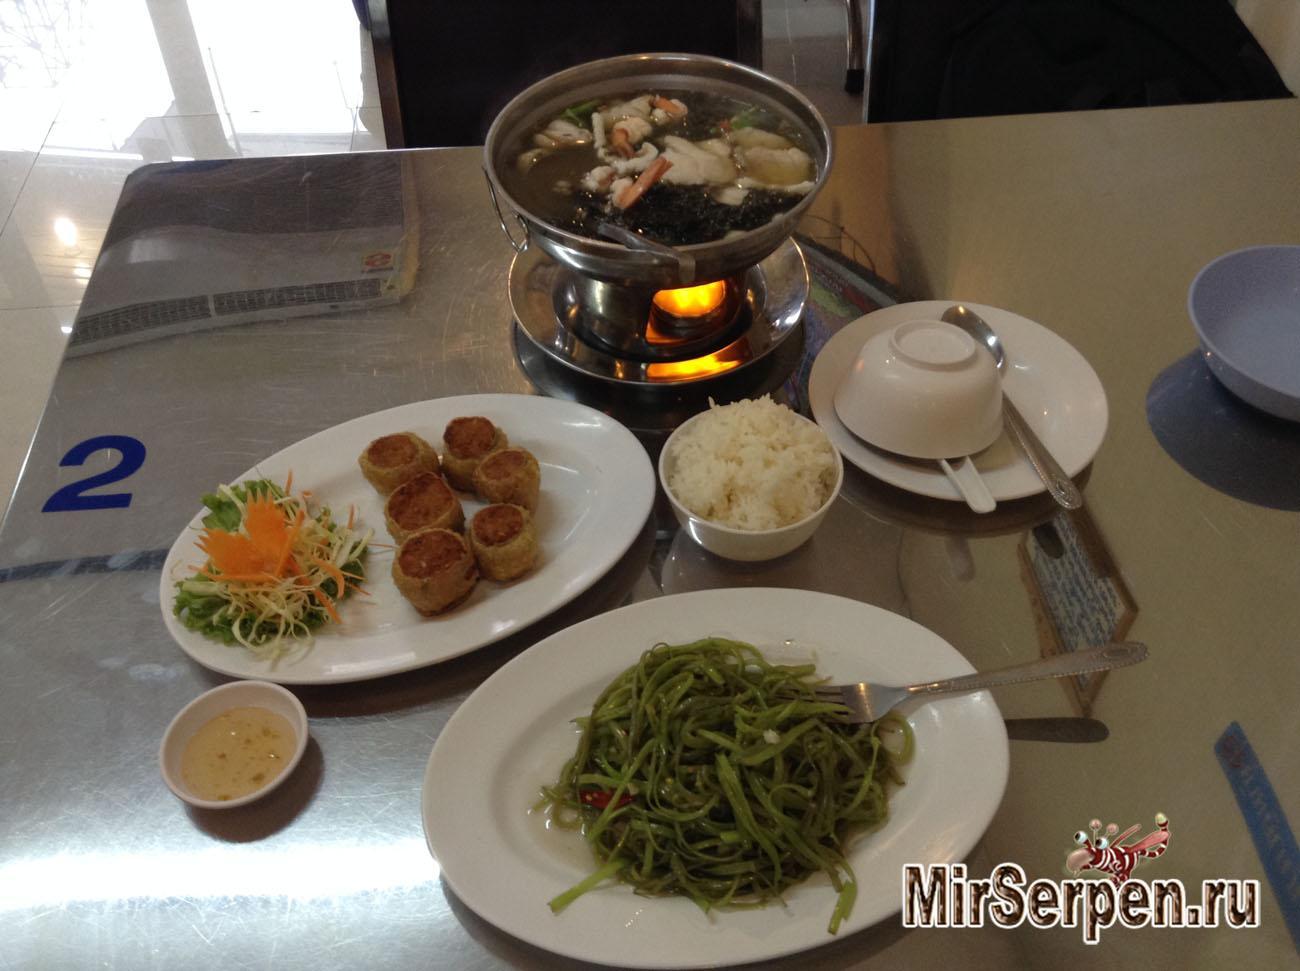 Чем питаться в Китае, если не хочется есть змей, жаб и насекомых?